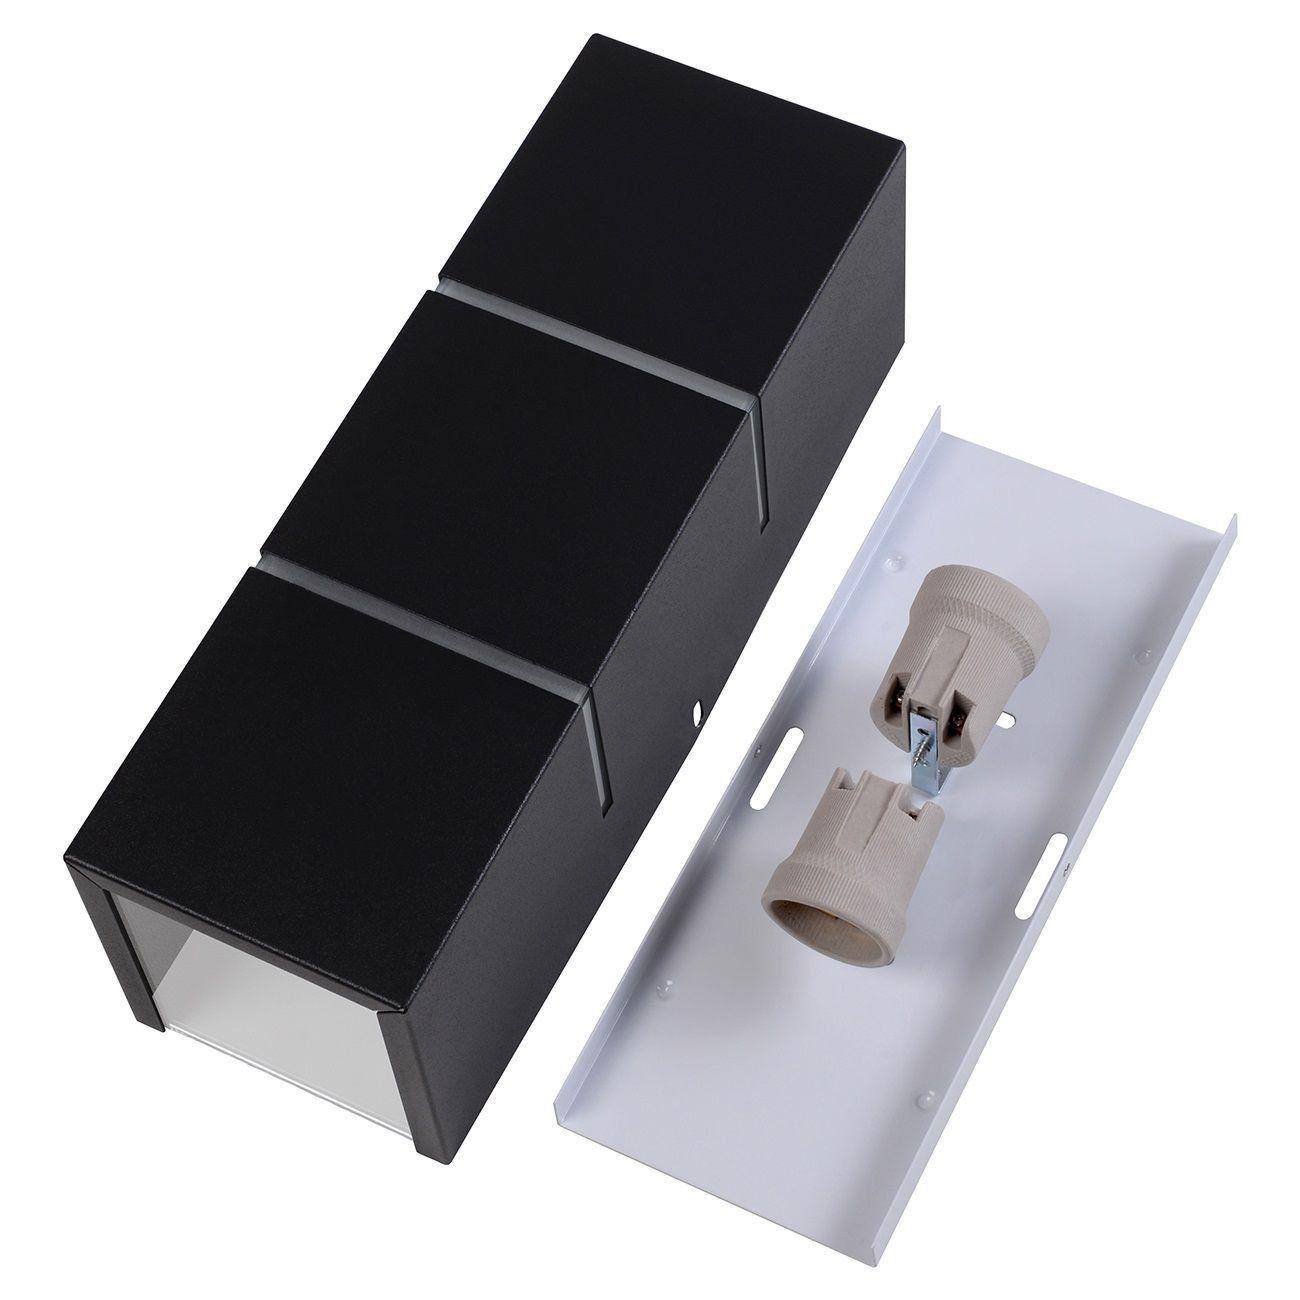 Arandela Retangular 2 Frisos Externa Interna Muro Parede Alumínio Preto - Rei da Iluminação